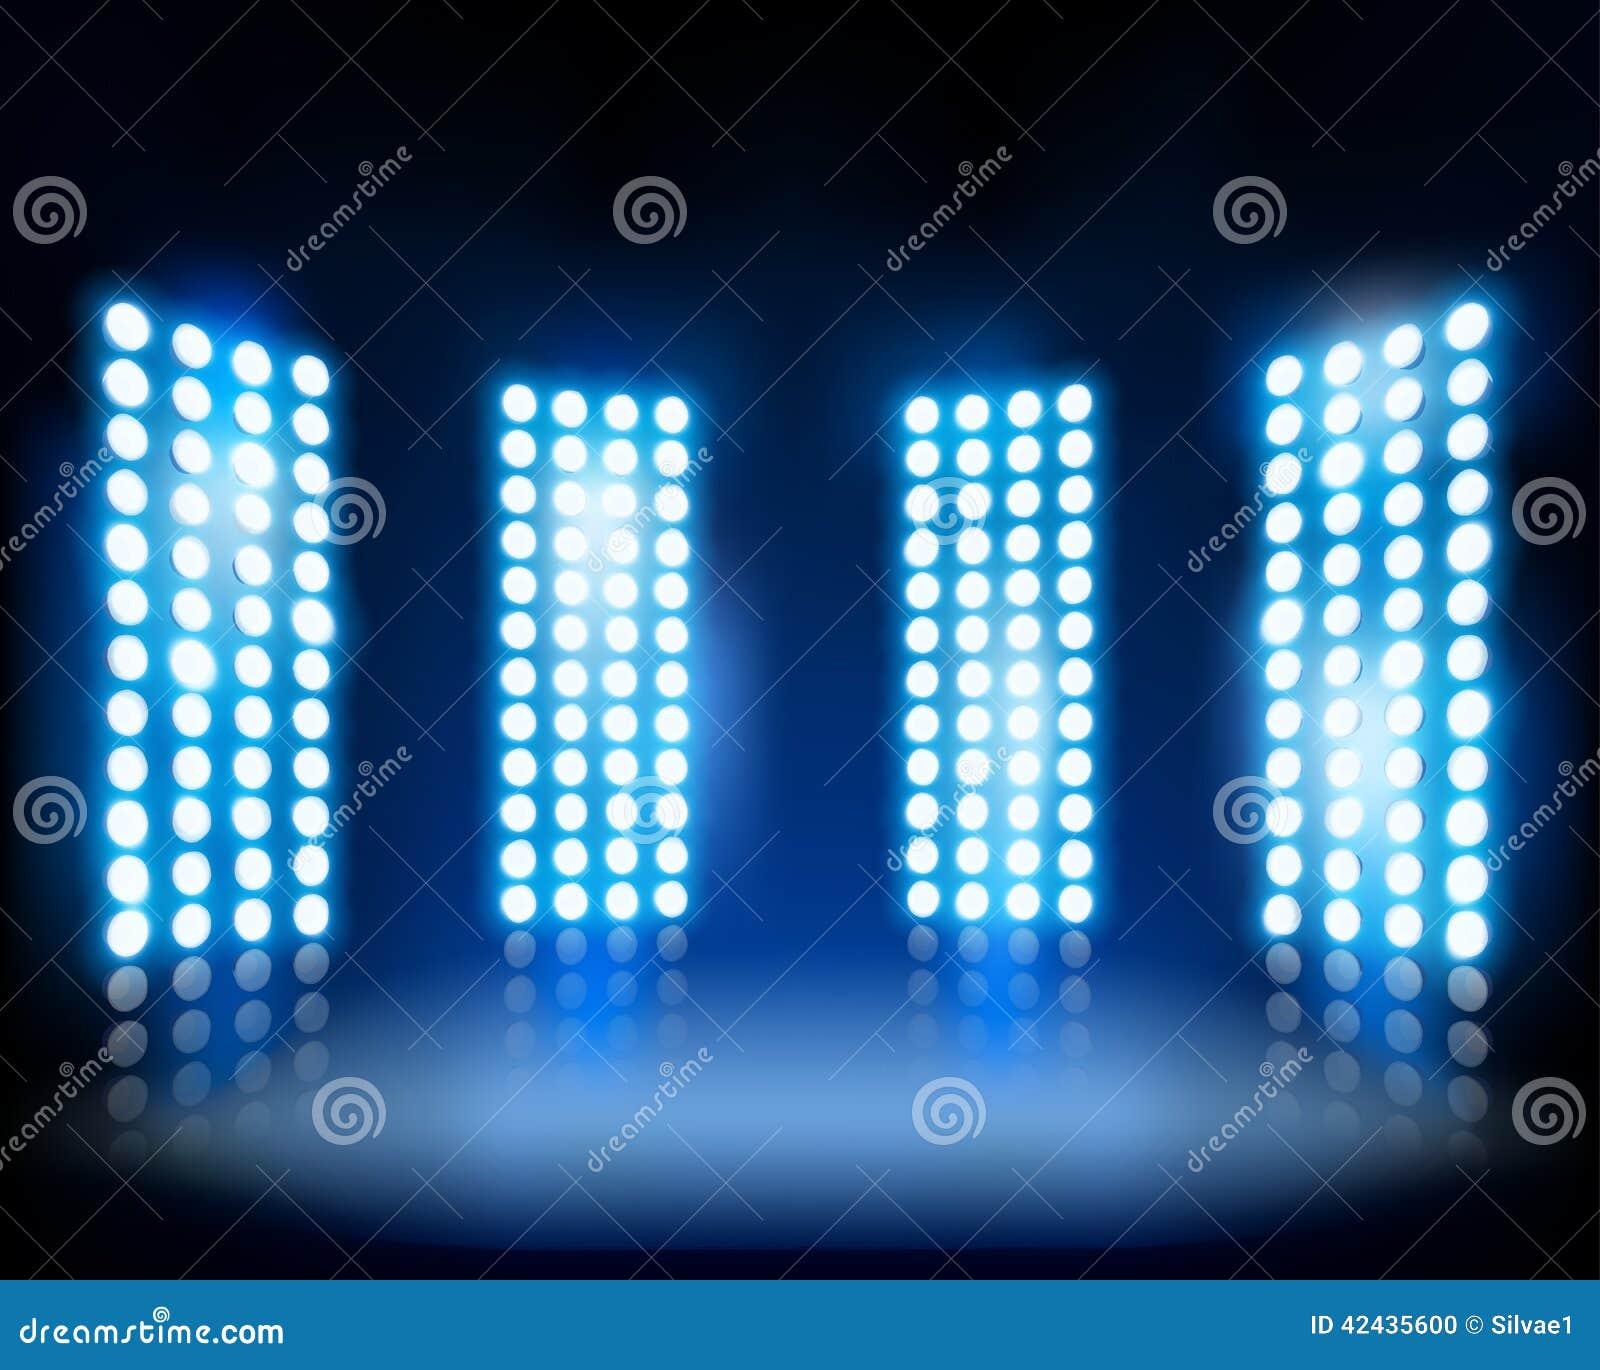 Stadium Lights Svg: Floodlights. Vector Illustration. Stock Illustration